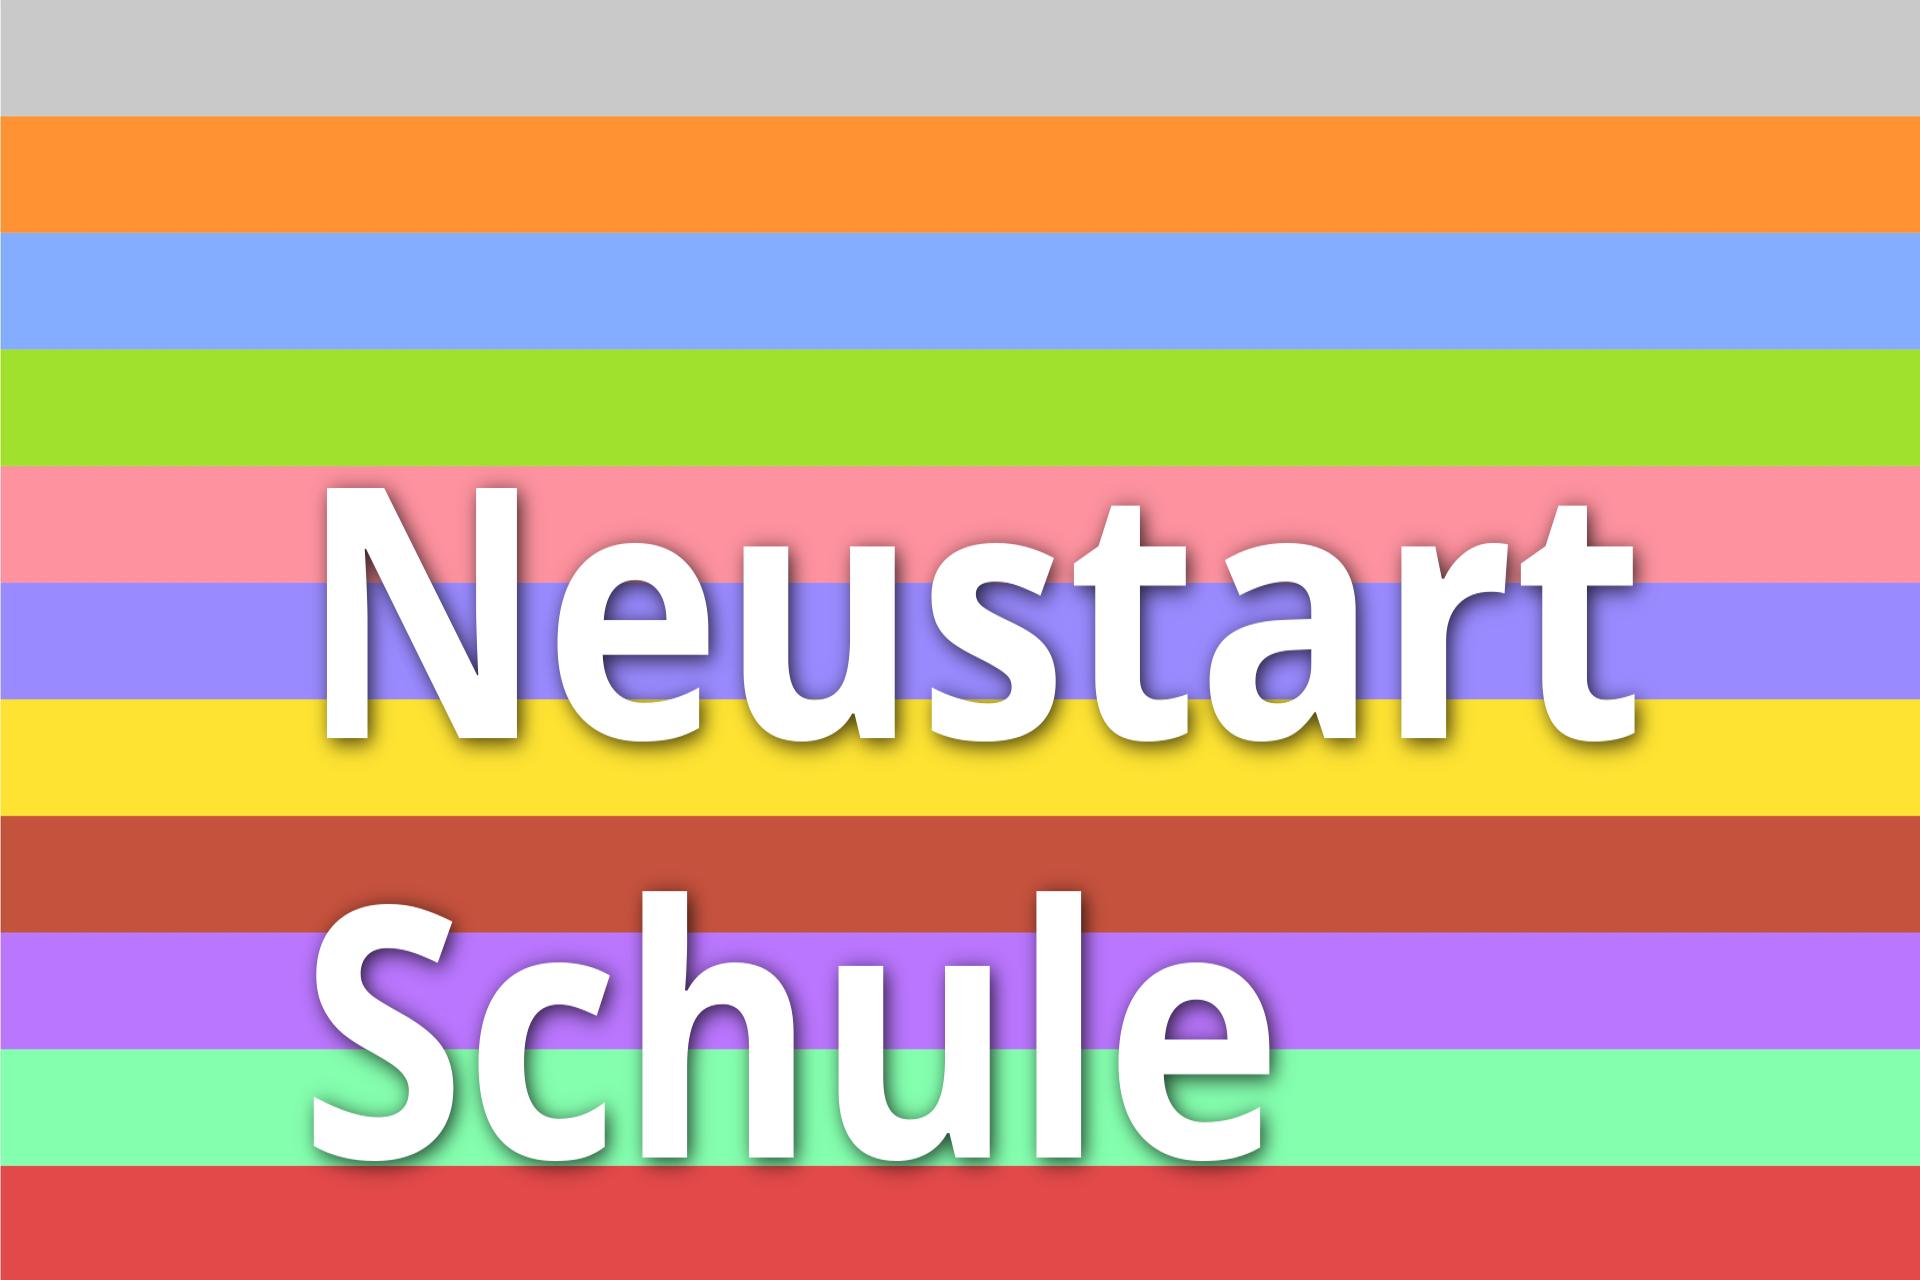 NeustartSchule